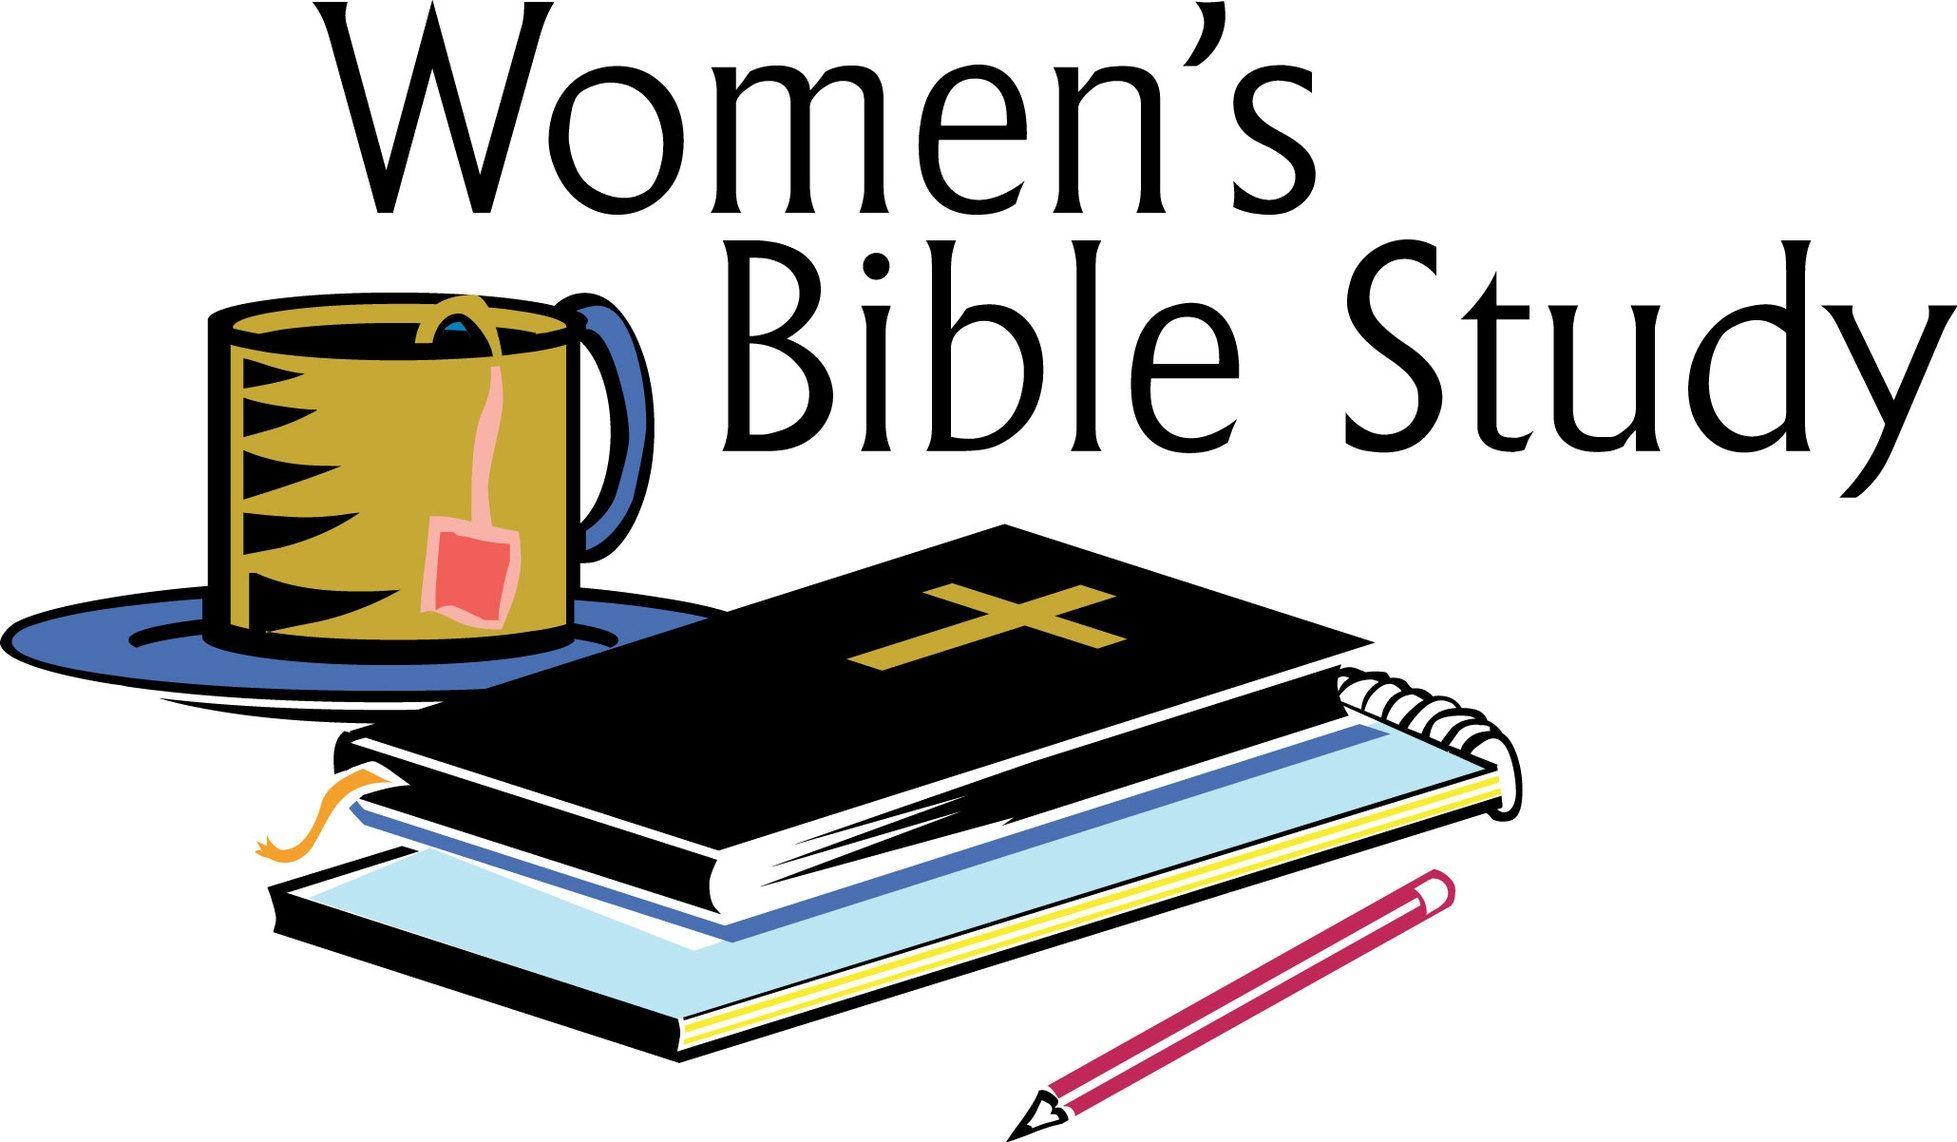 medium resolution of free ladies bible study clipart clipartsgram com